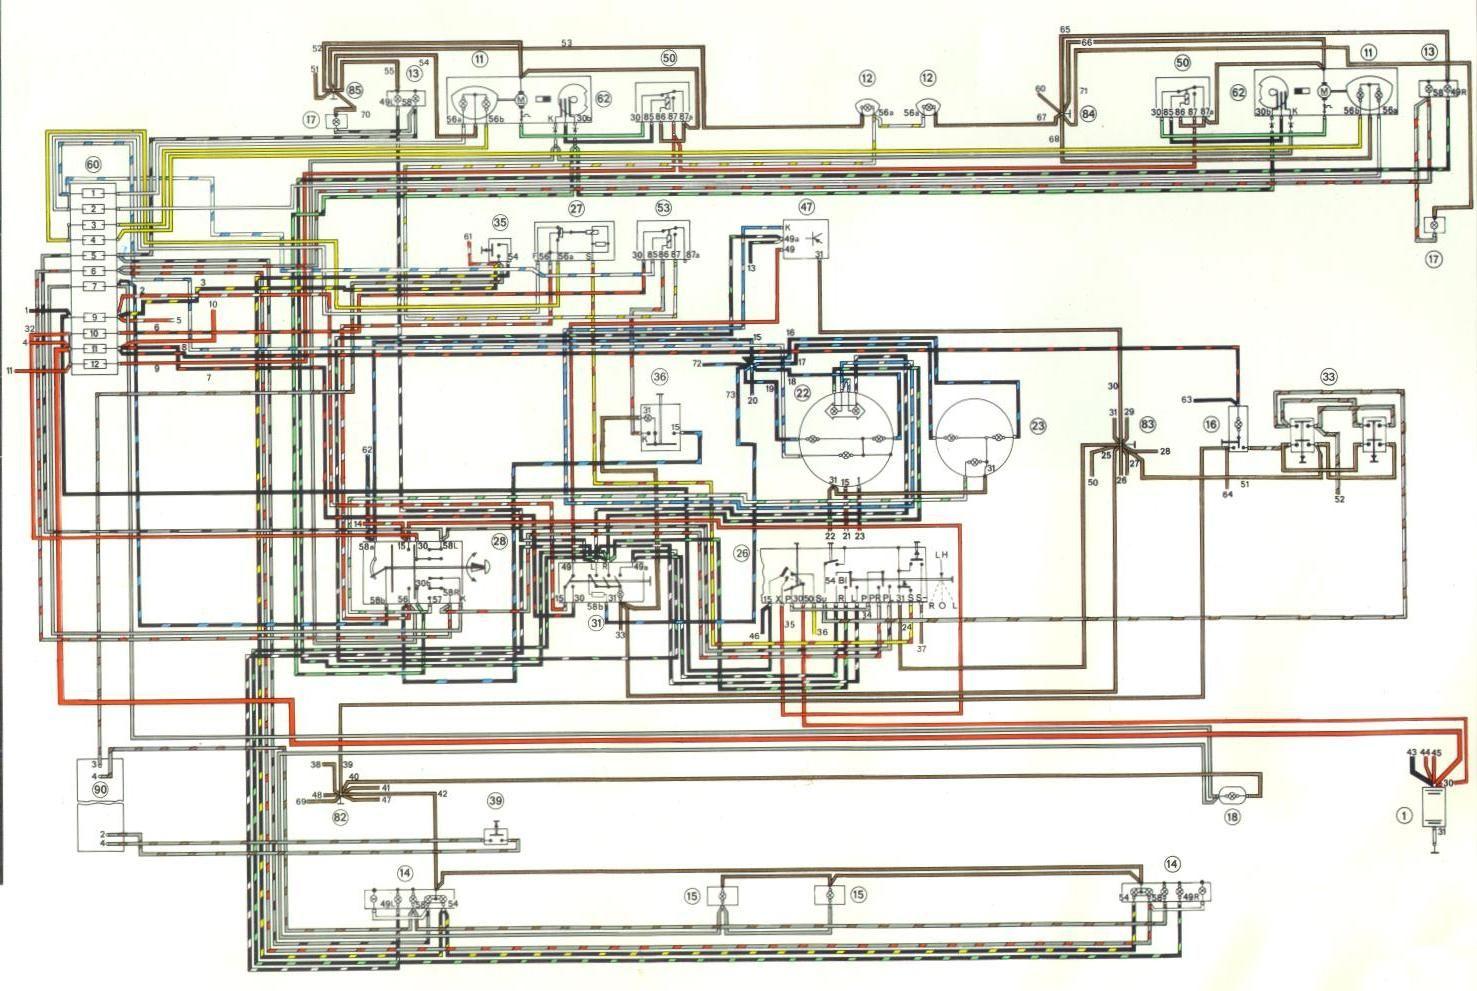 Electrical Diagram 73 Porsche 914 Part 1